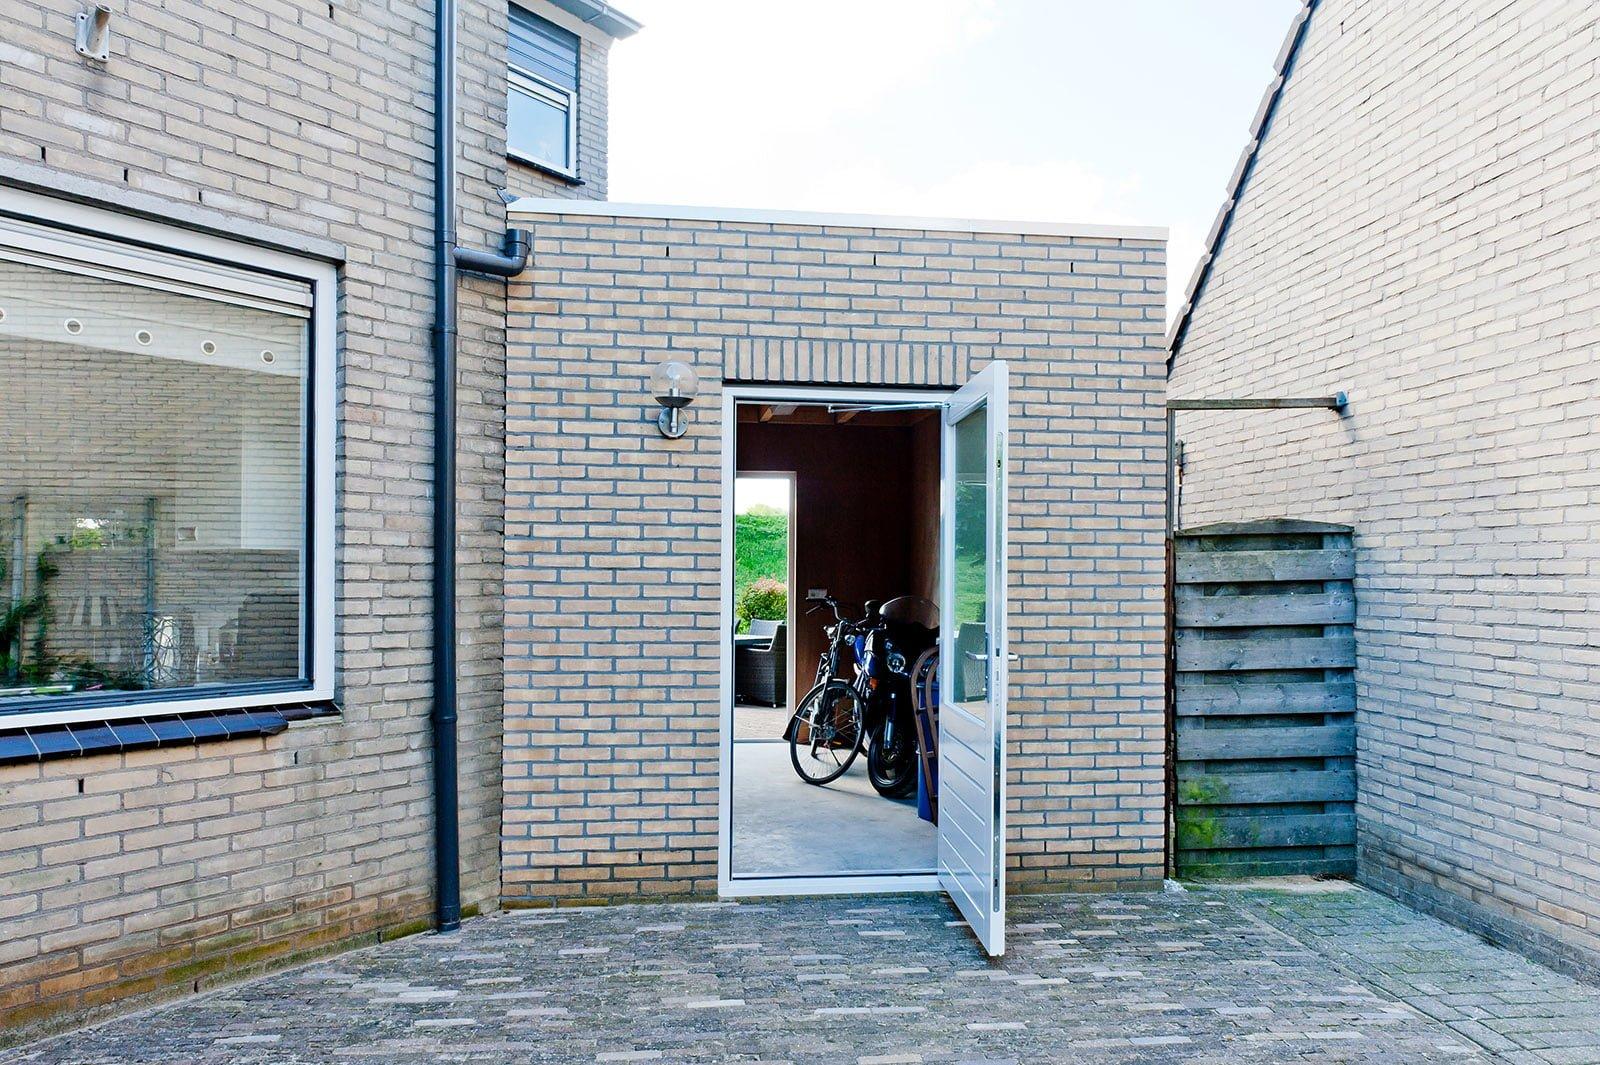 Hoeveel kost een aanbouw for Hoeveel kost een woning bouwen